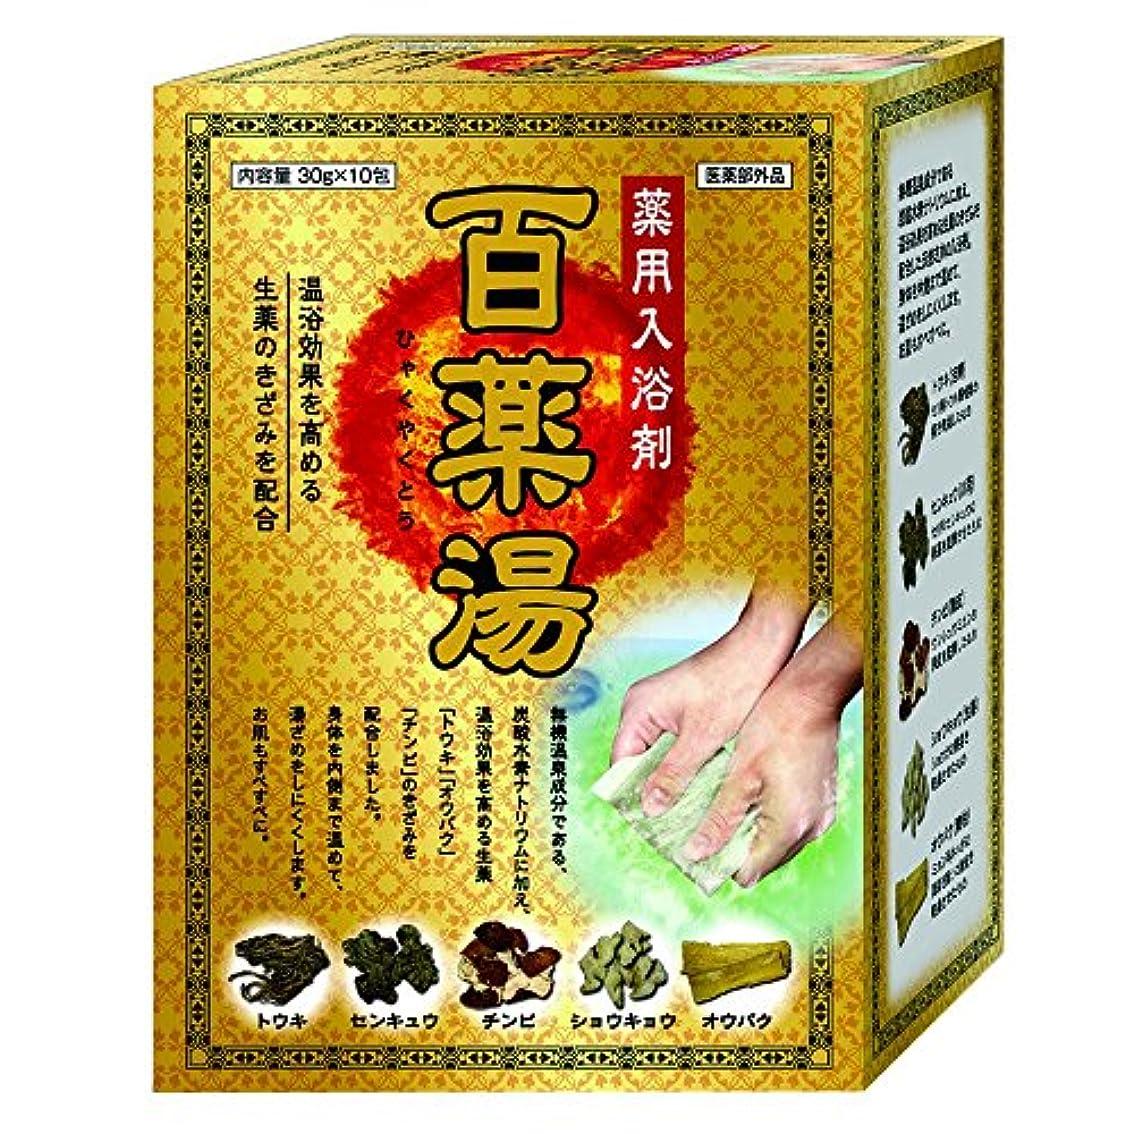 兵隊作成する不十分百薬湯 薬用入浴剤 温浴効果を高める生薬のきざみを配合 30g×10包 (医薬部外品)